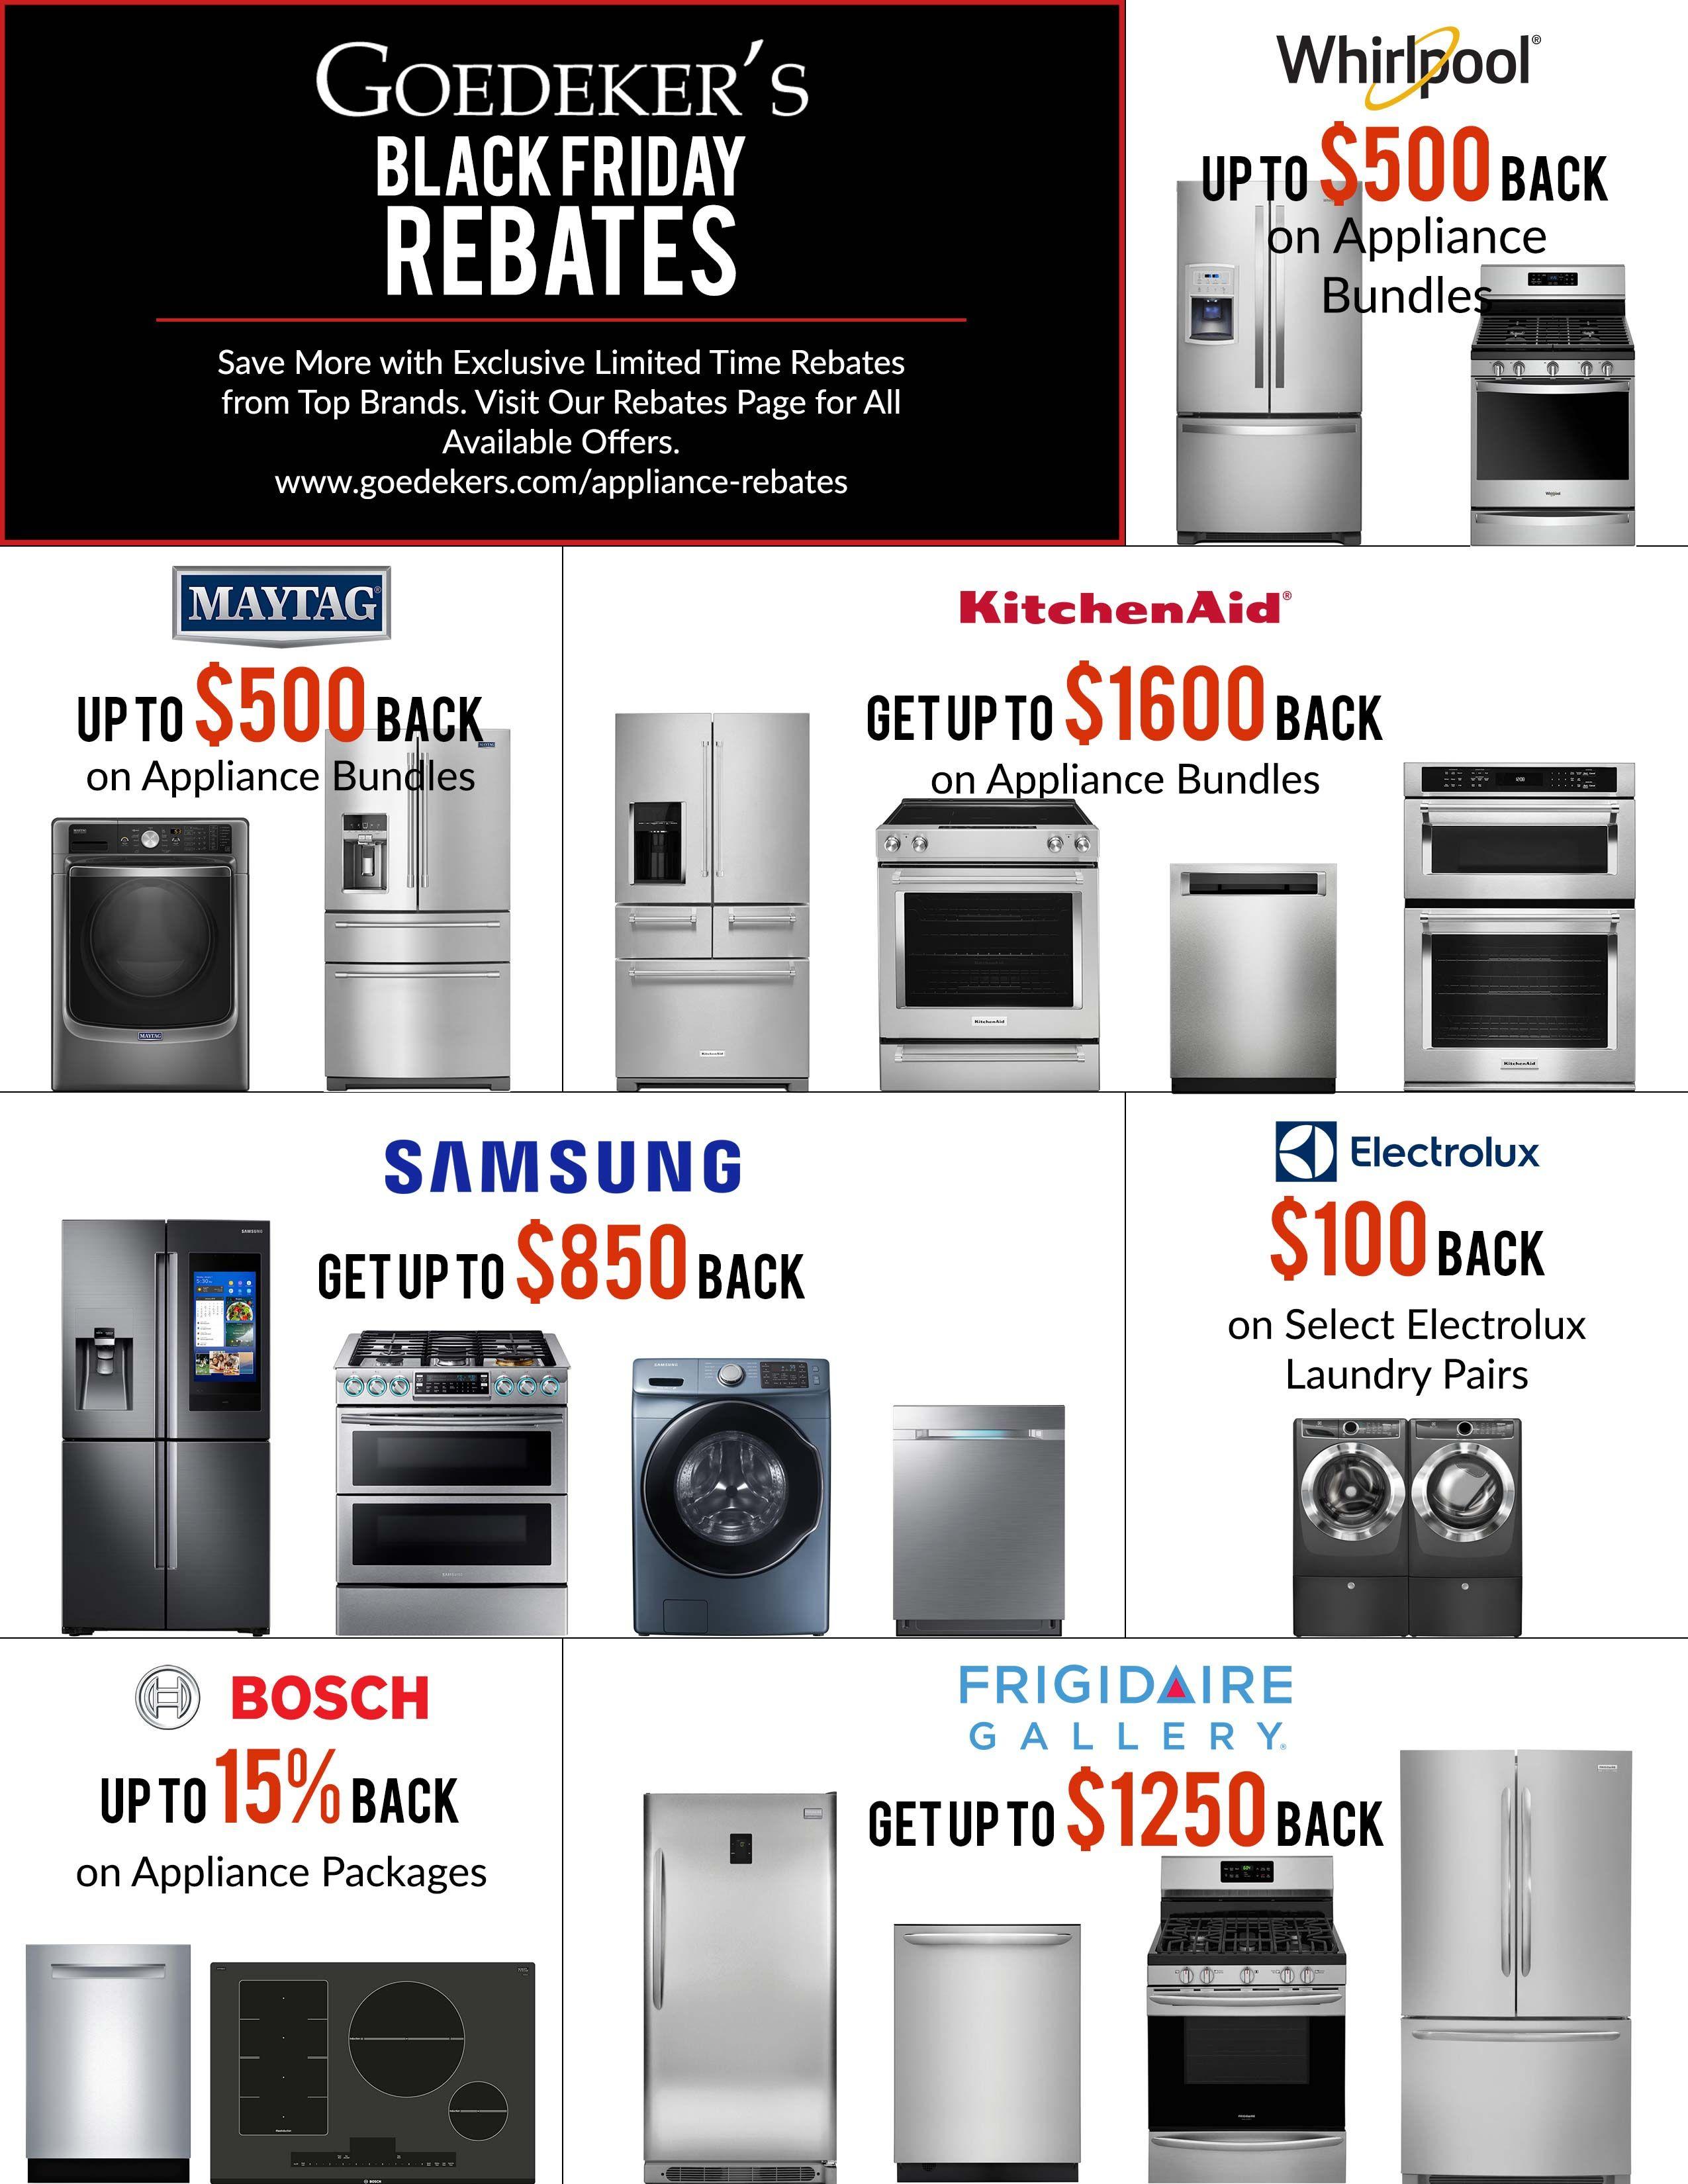 Black Friday Rebates Rebates Appliance Bundles How To Get Money